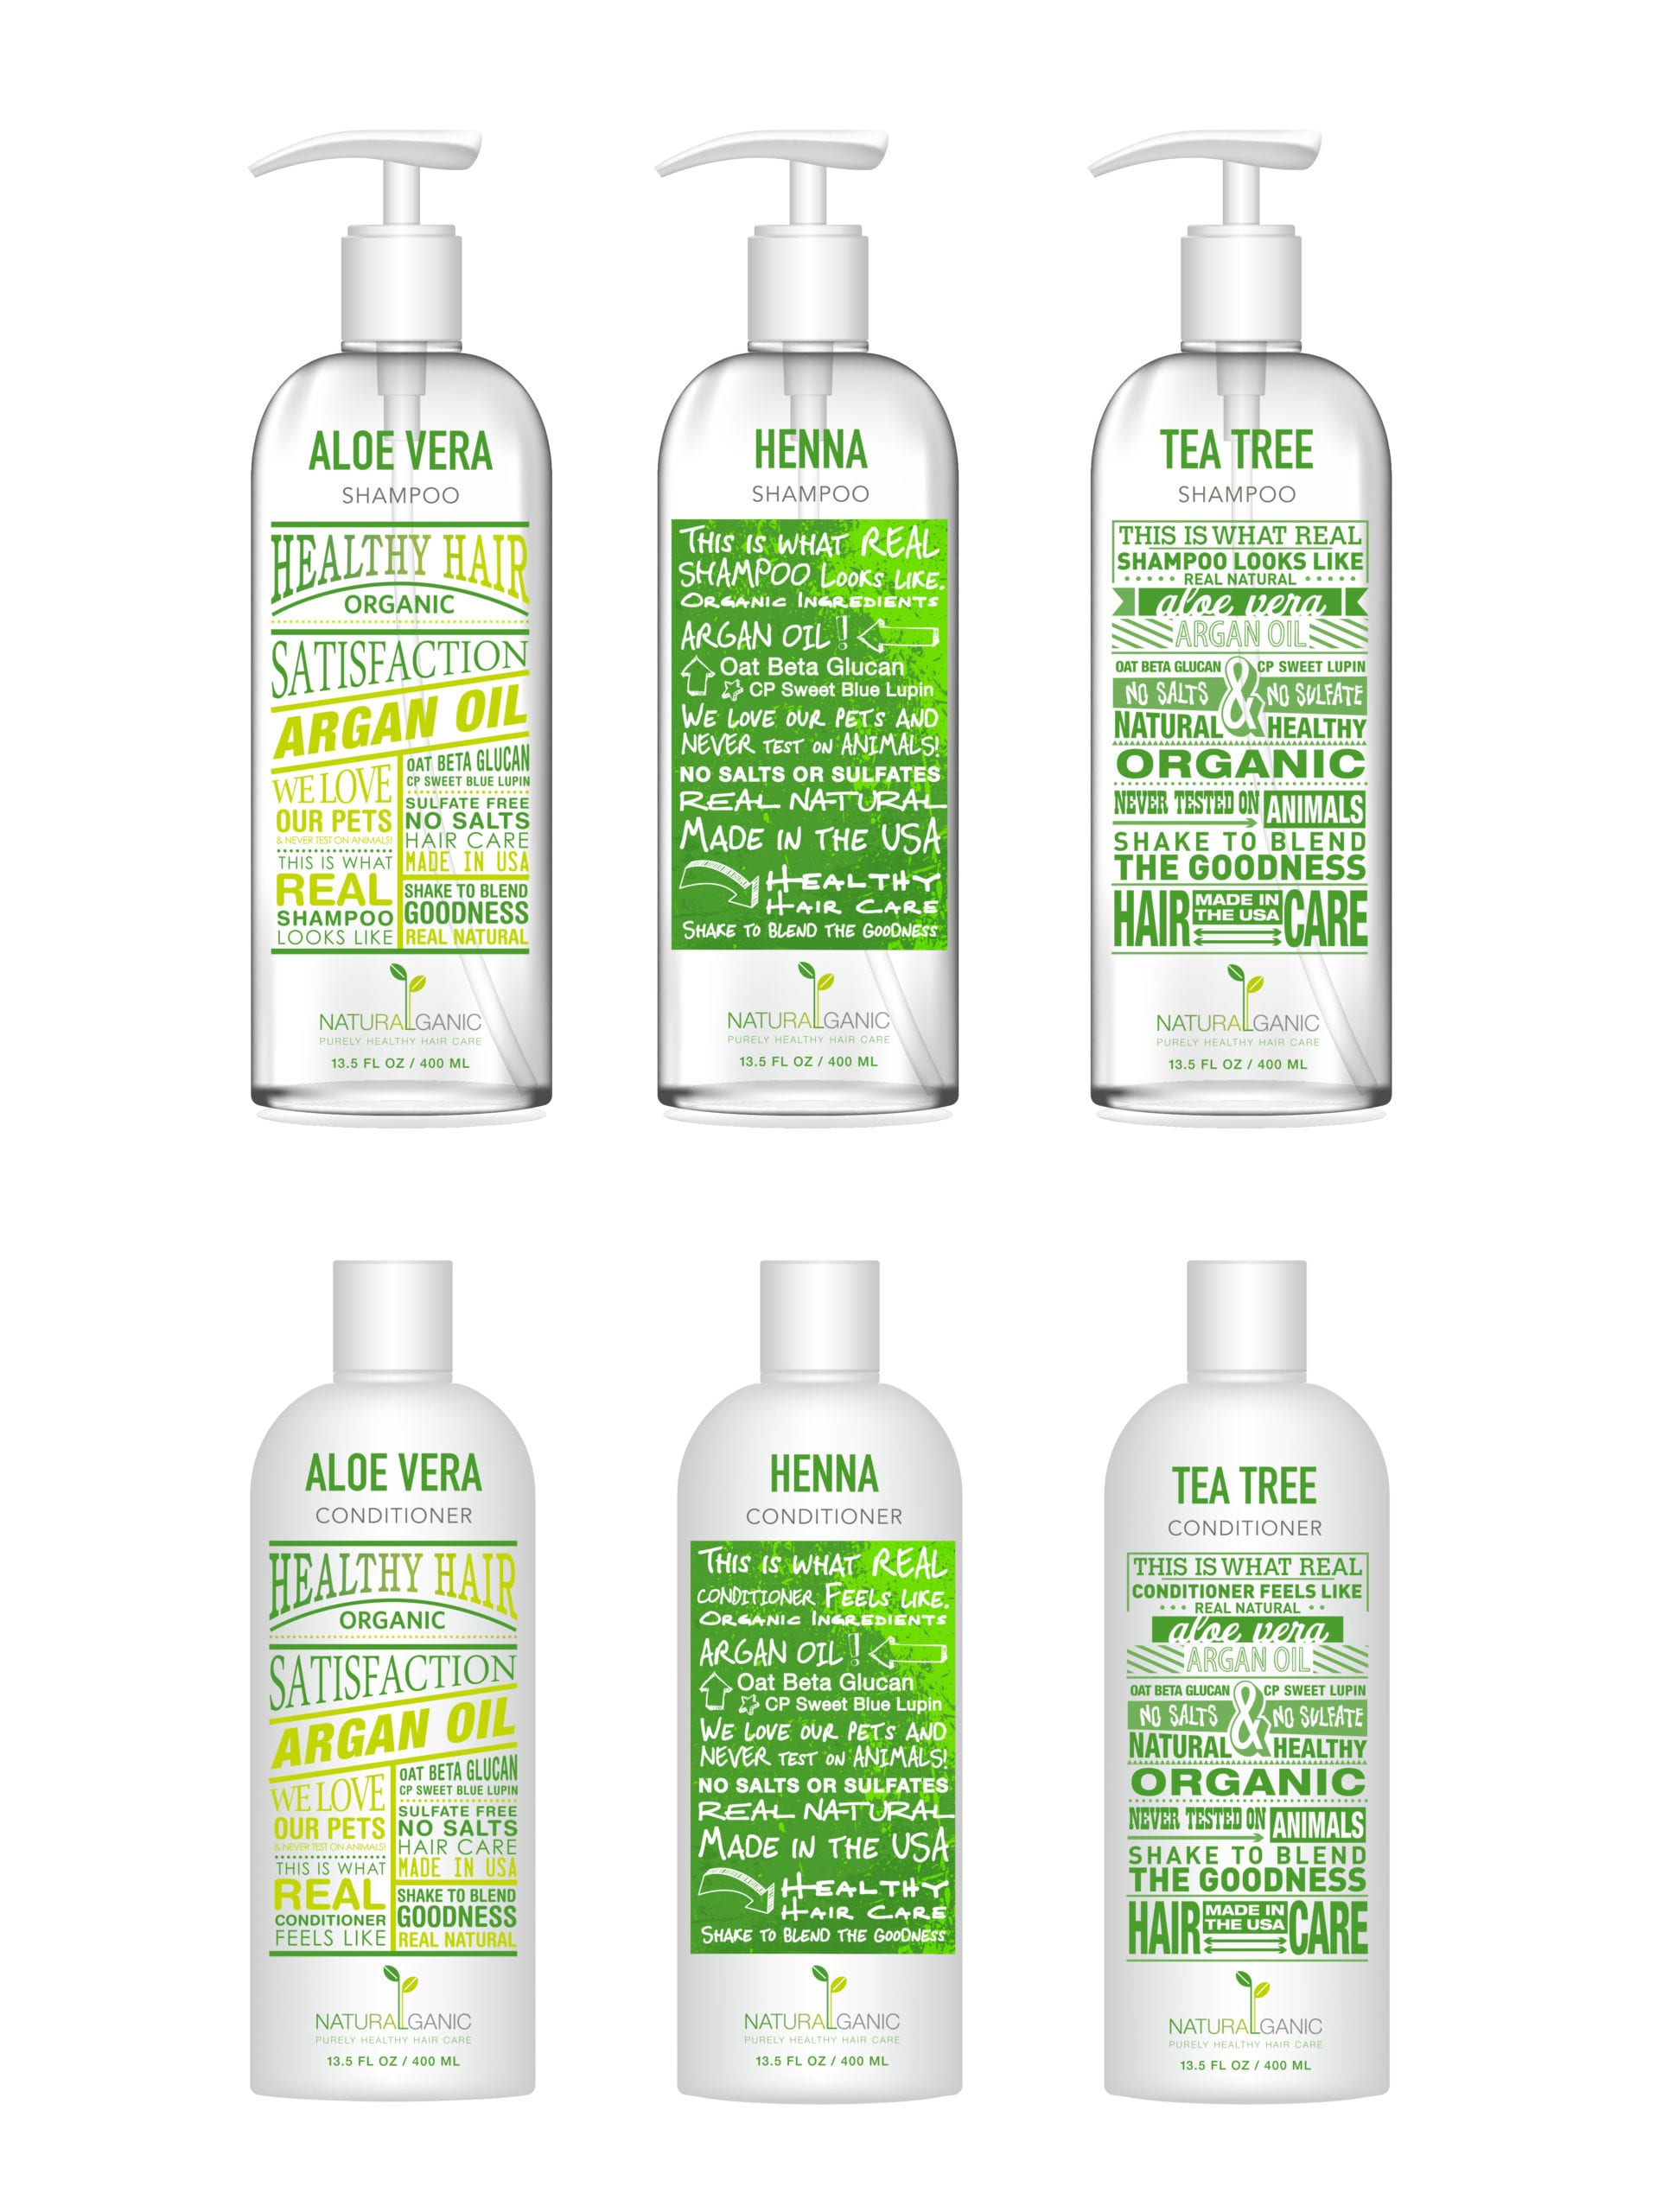 Naturalganic branded shampoo bottles